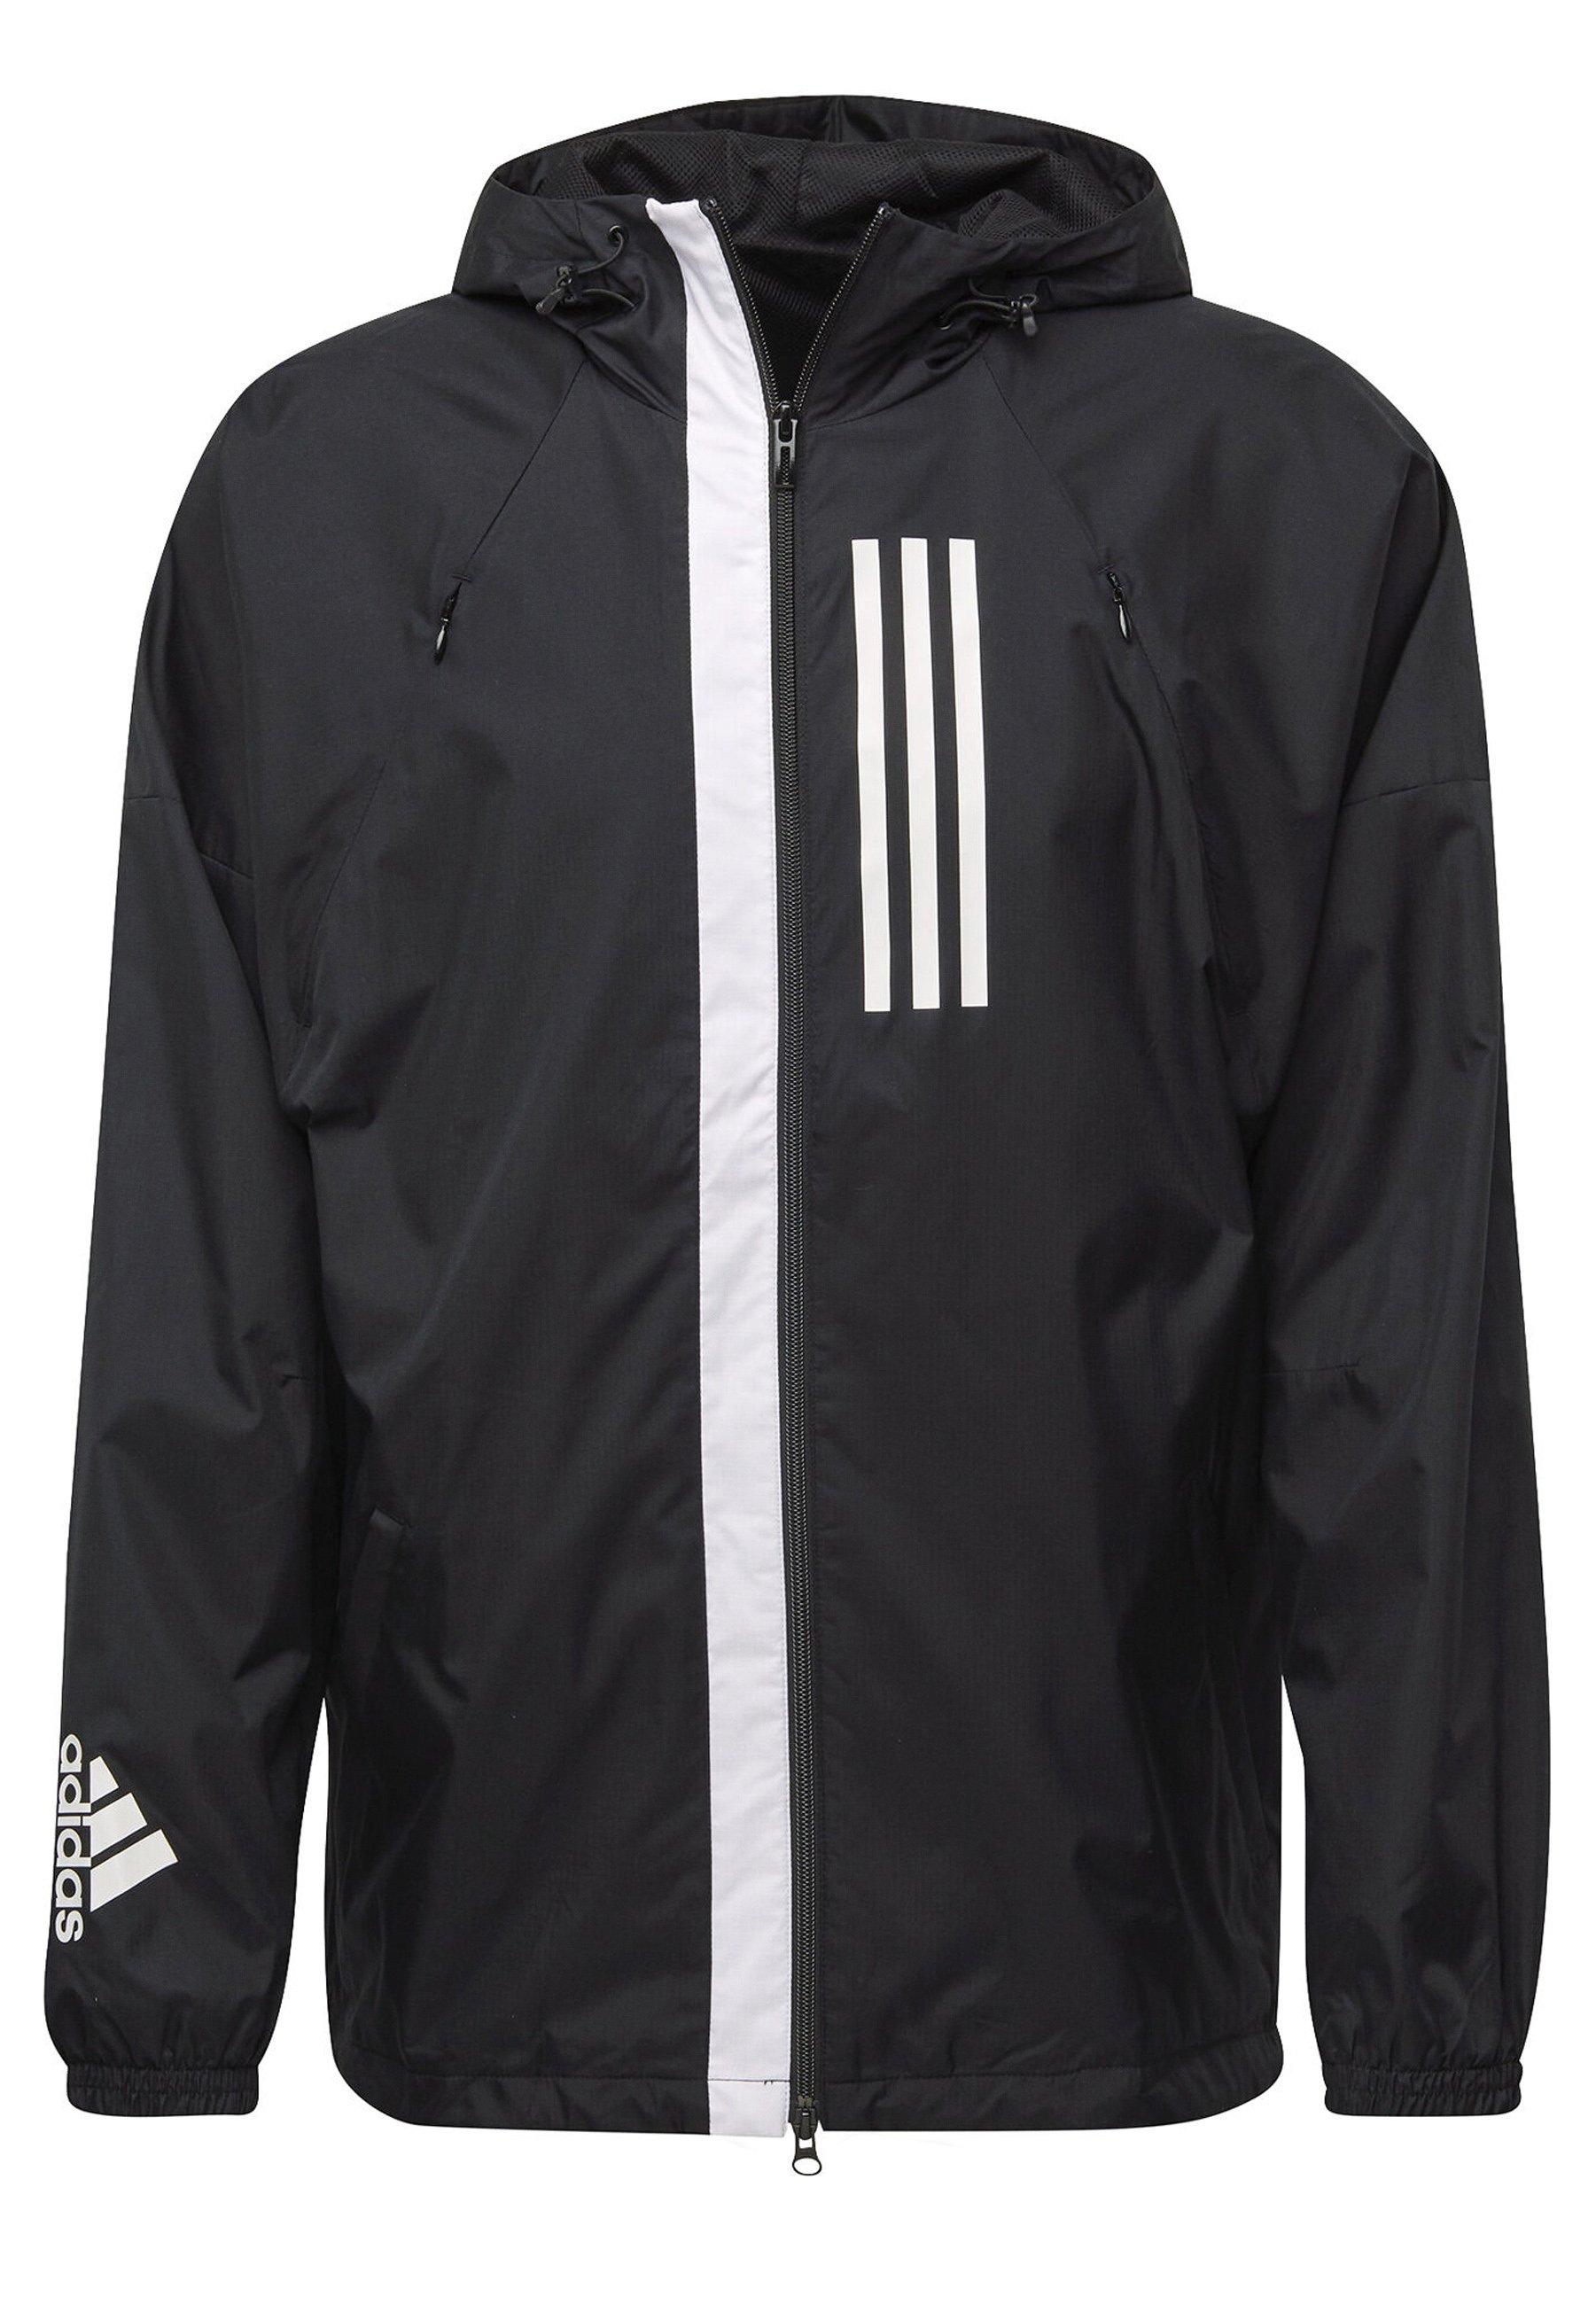 adidas jacke schwarz weiß gestreift